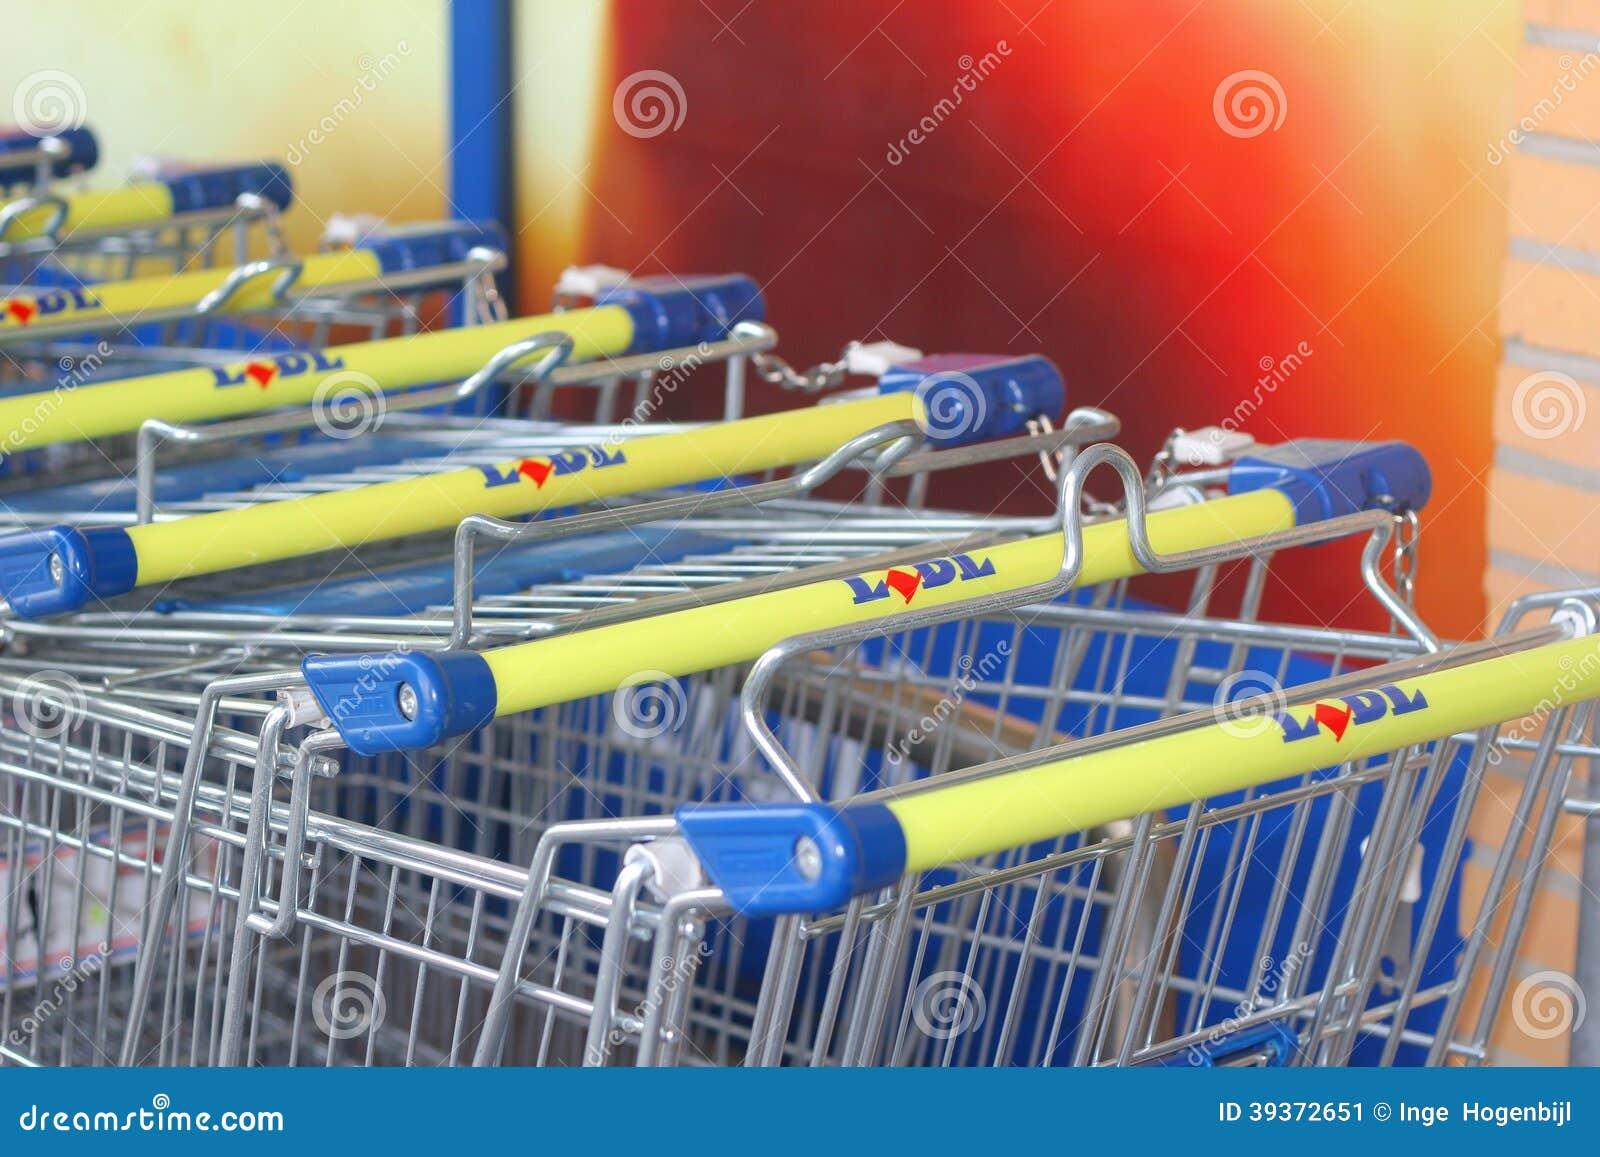 supermarket trolleys of the lidl discount supermarket. Black Bedroom Furniture Sets. Home Design Ideas